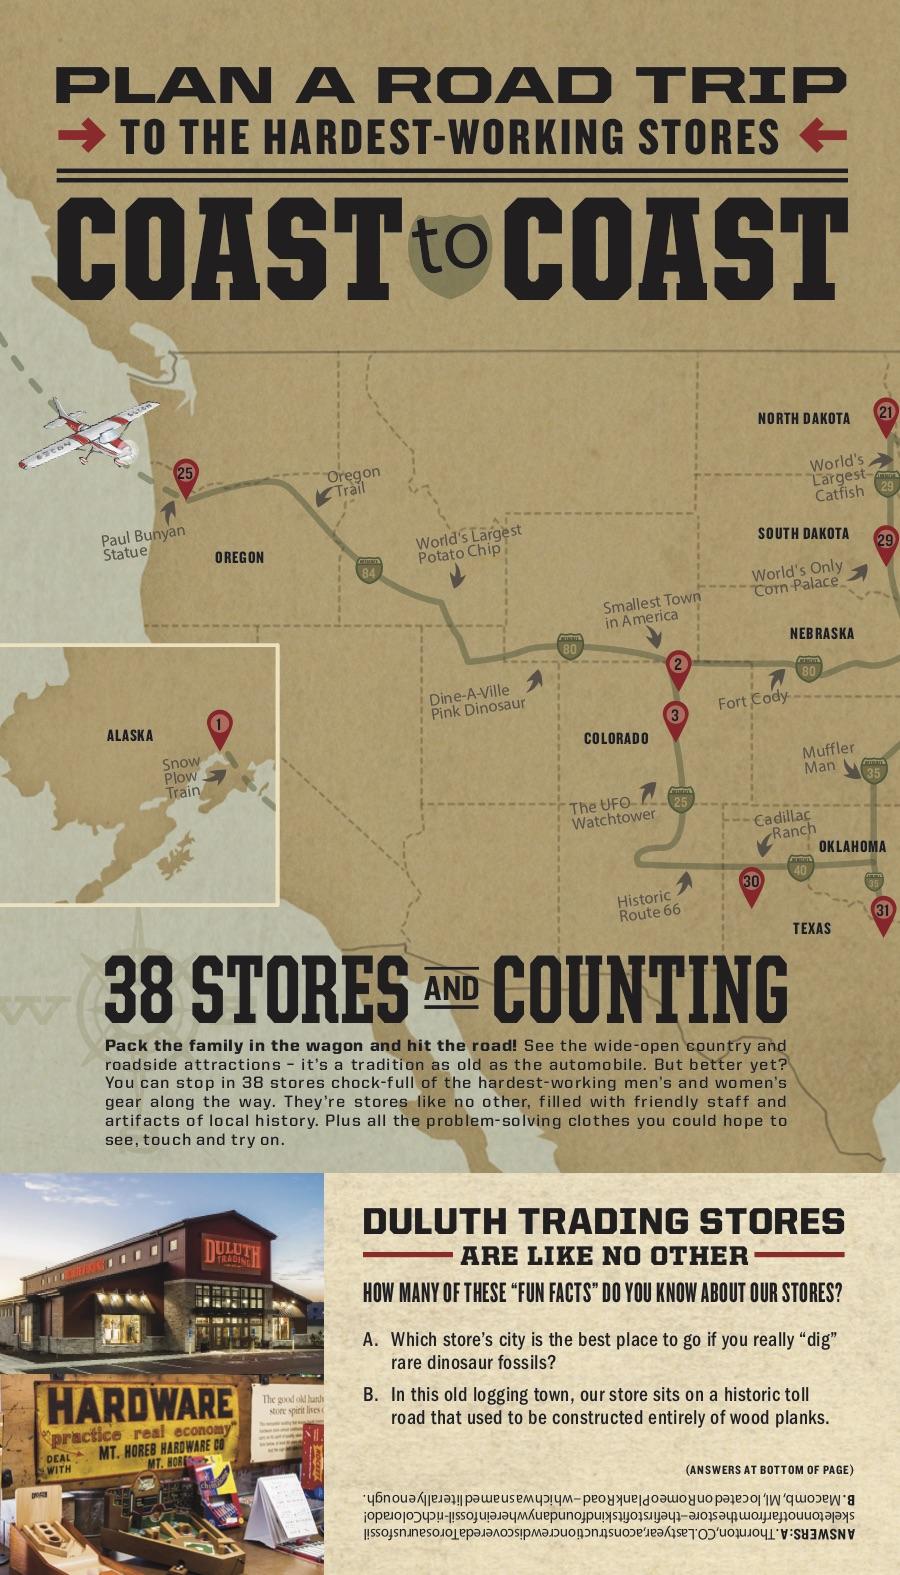 Duluth Graphic.jpg